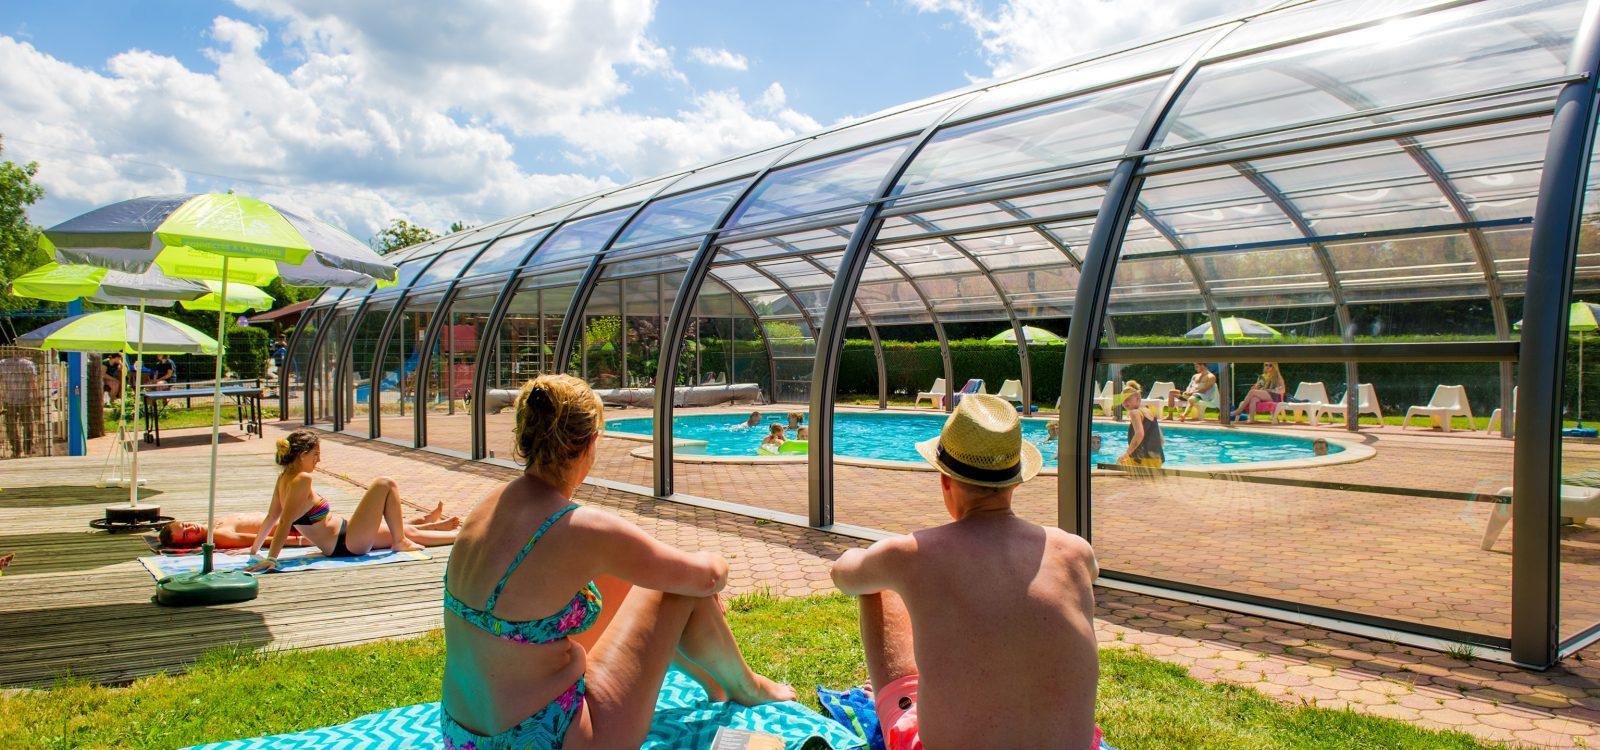 Camping Vosges Avec Piscine | Camping Au Clos De La Chaume 3* concernant Camping Alsace Piscine